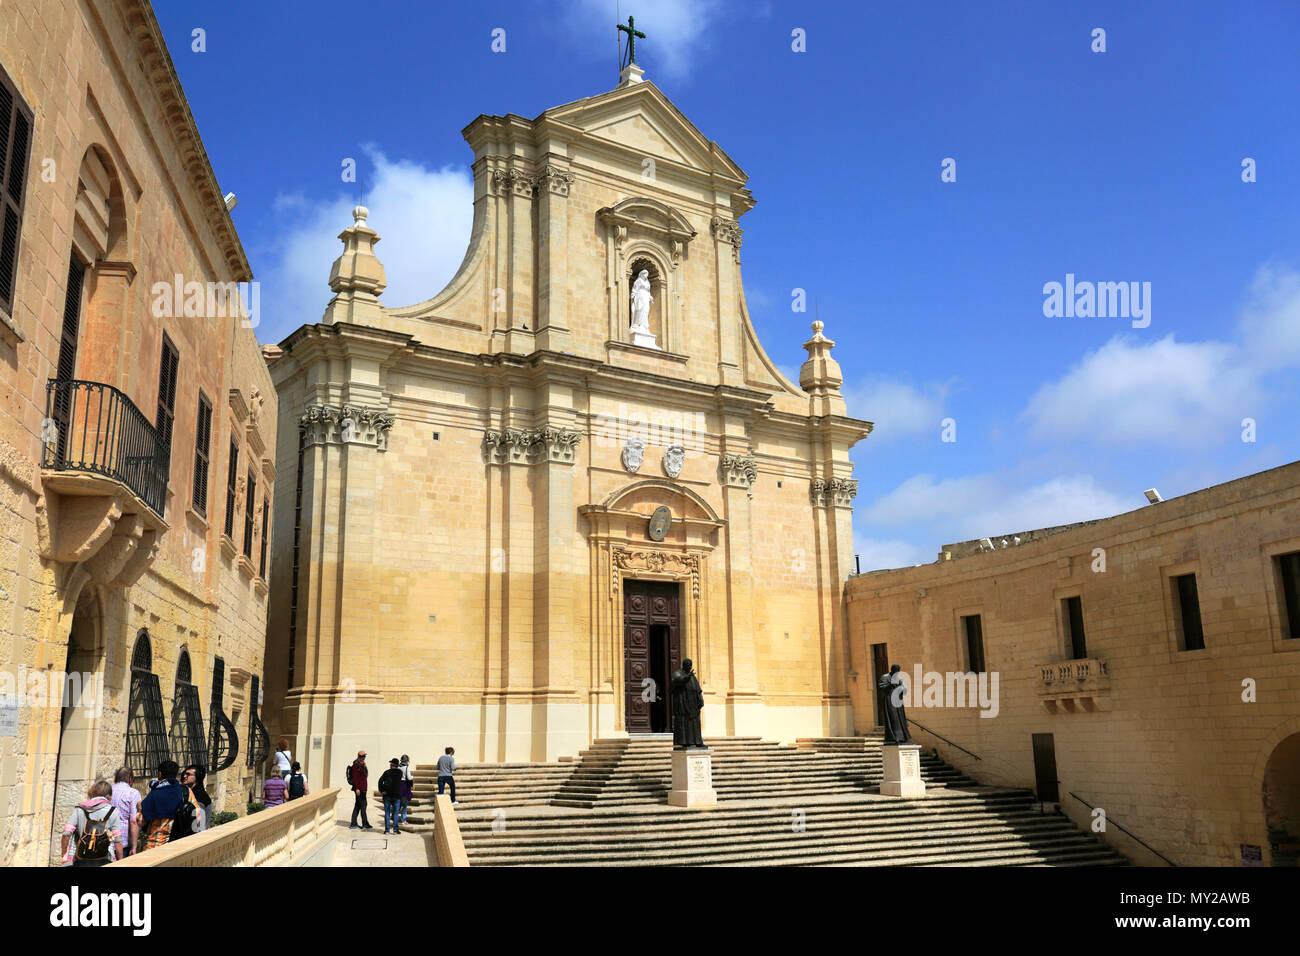 Sommer Blick auf die Cittadella, in Victoria City, der Hauptstadt der Insel Gozo, Malta Stockbild